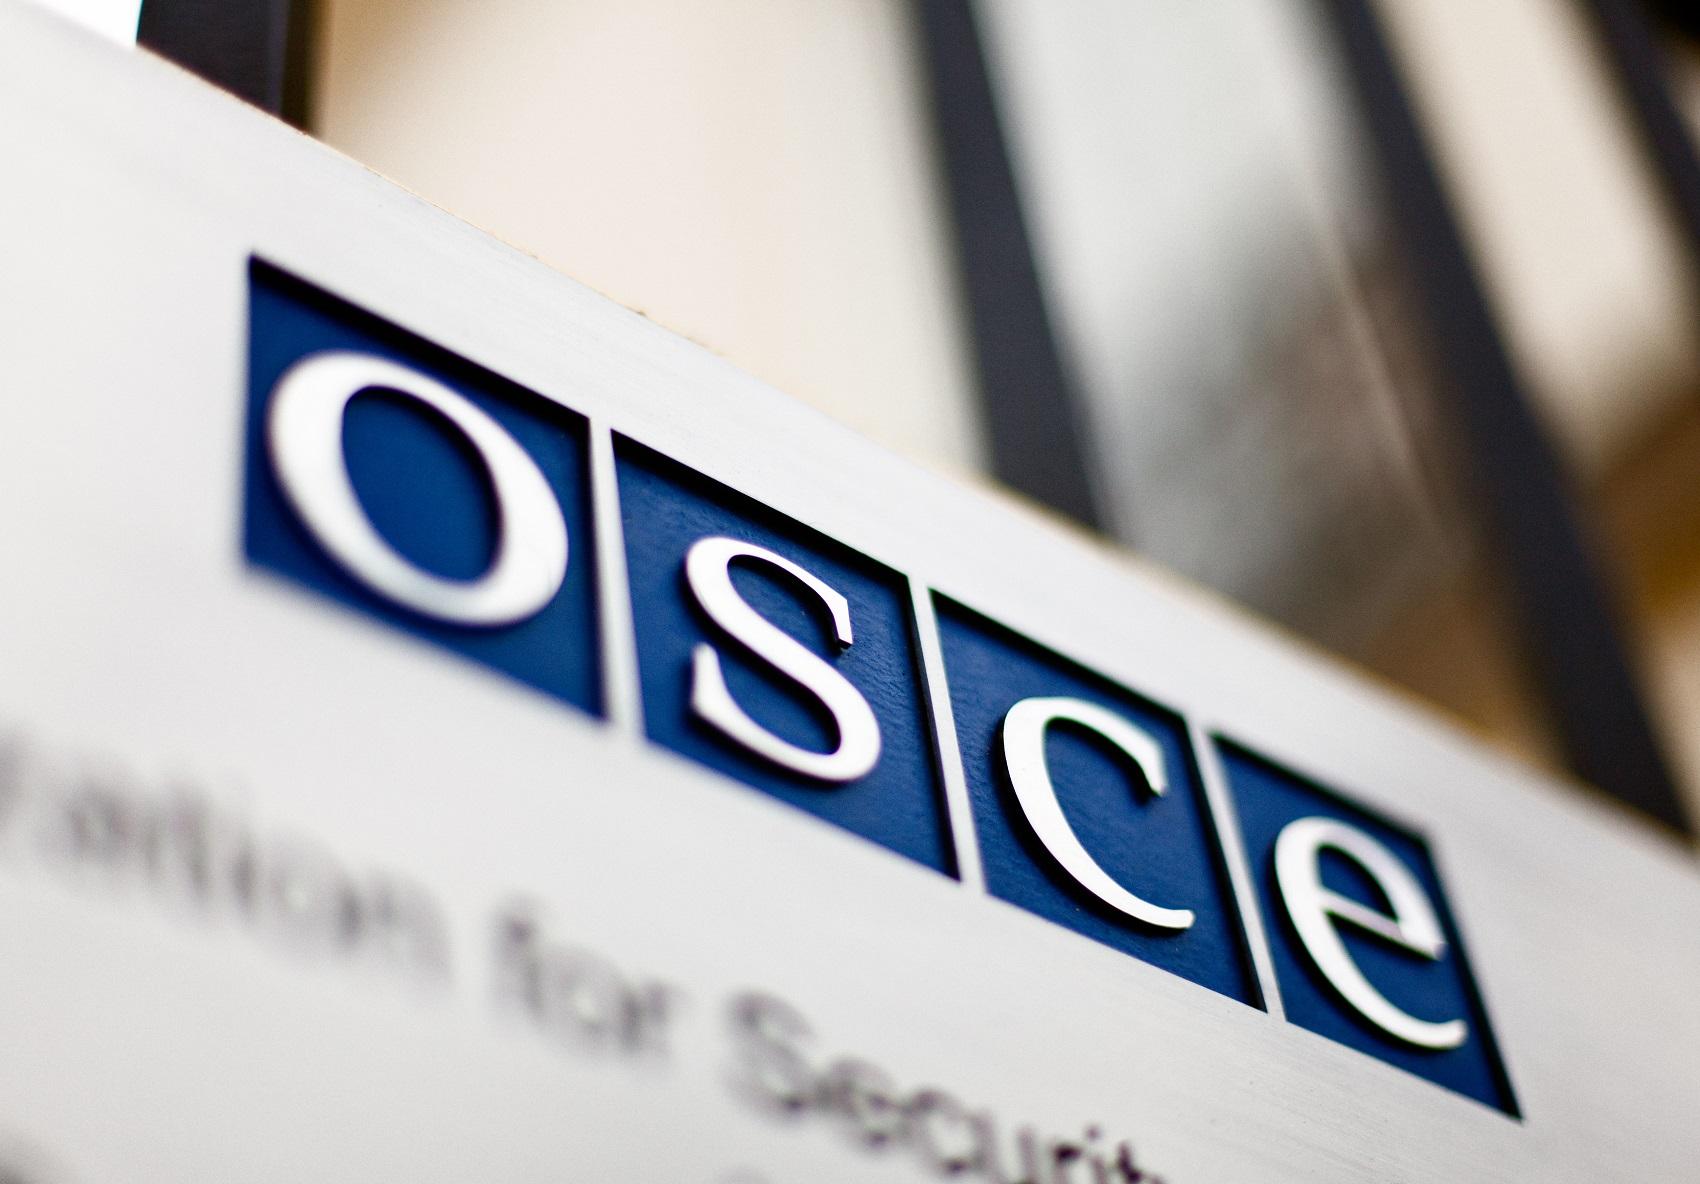 Мнение: ОБСЕ переживает системный кризис и не справляется со своими задачами